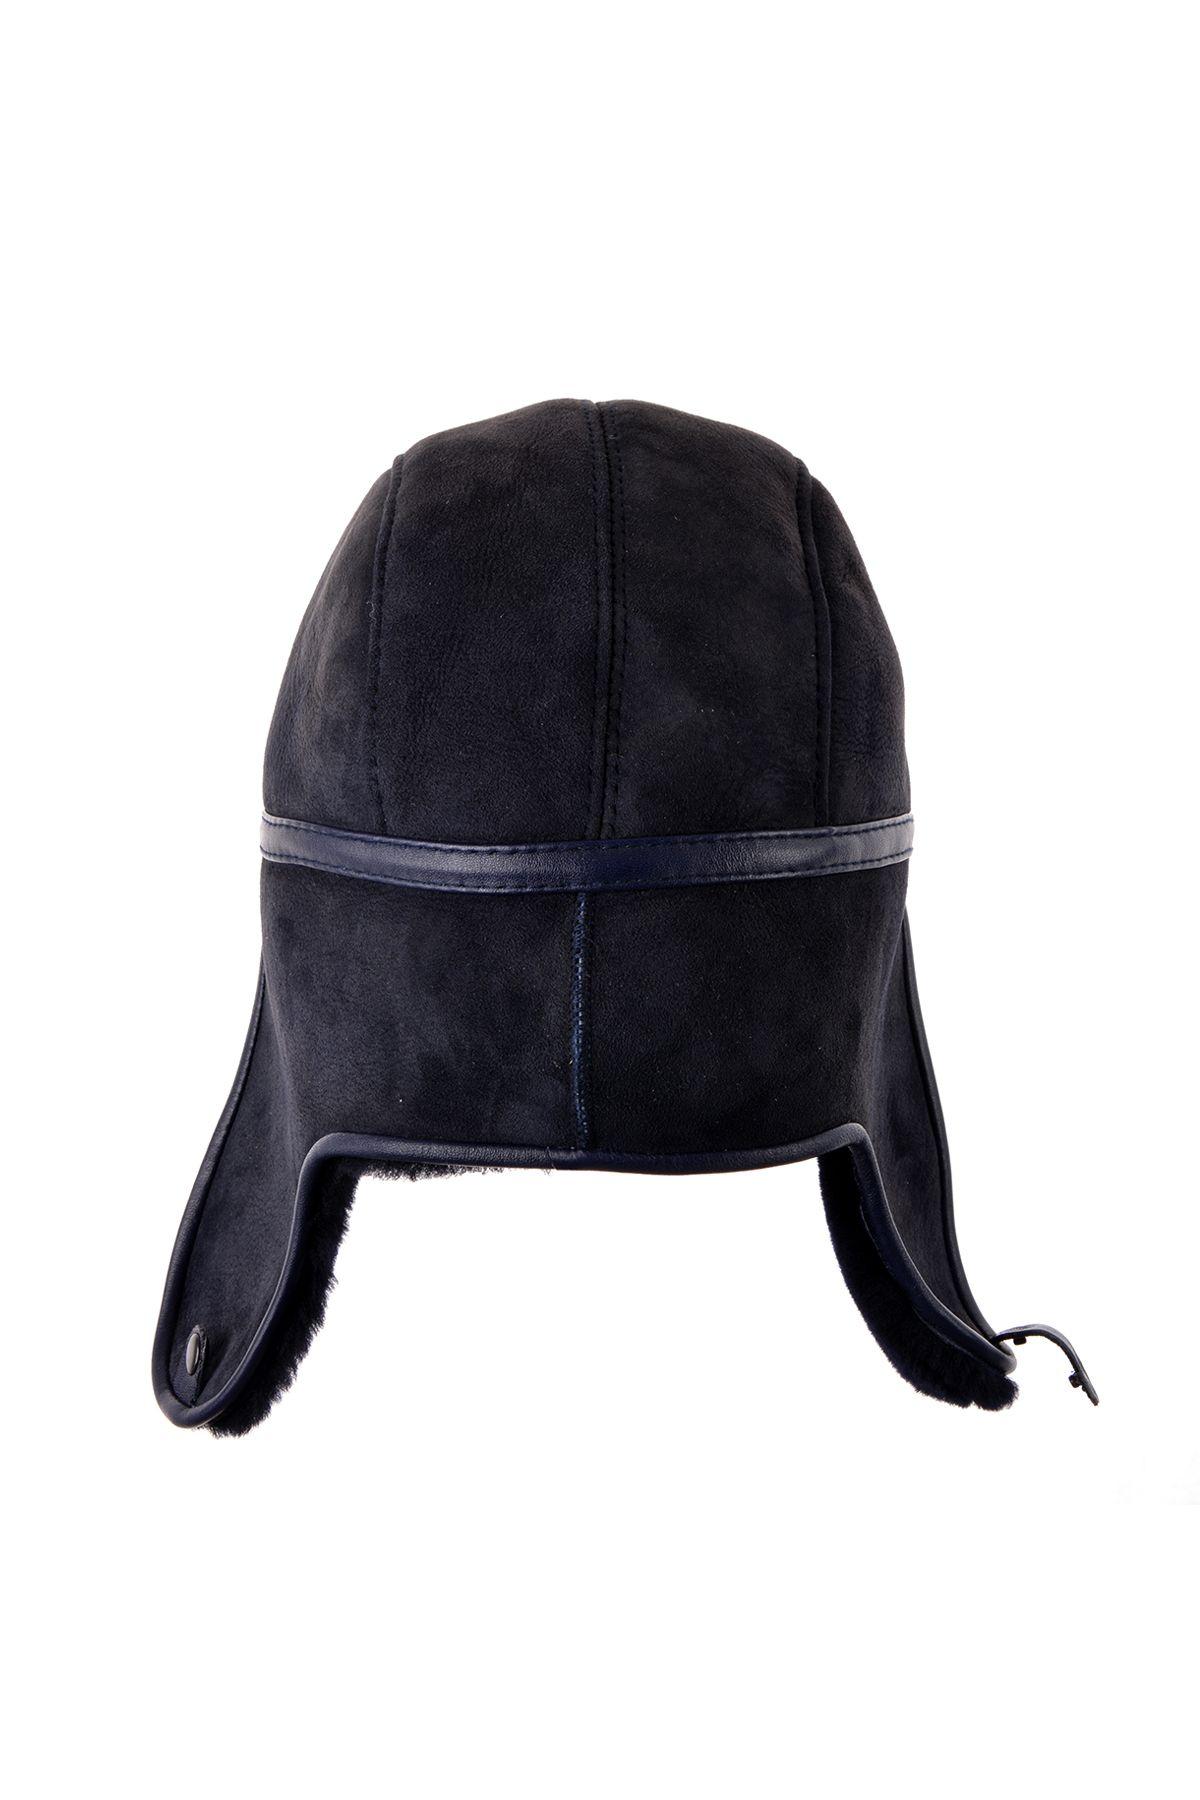 Pegia Hakiki Süet İçi Kürk Kulaklıklı Şapka 18AS04 Lacivert